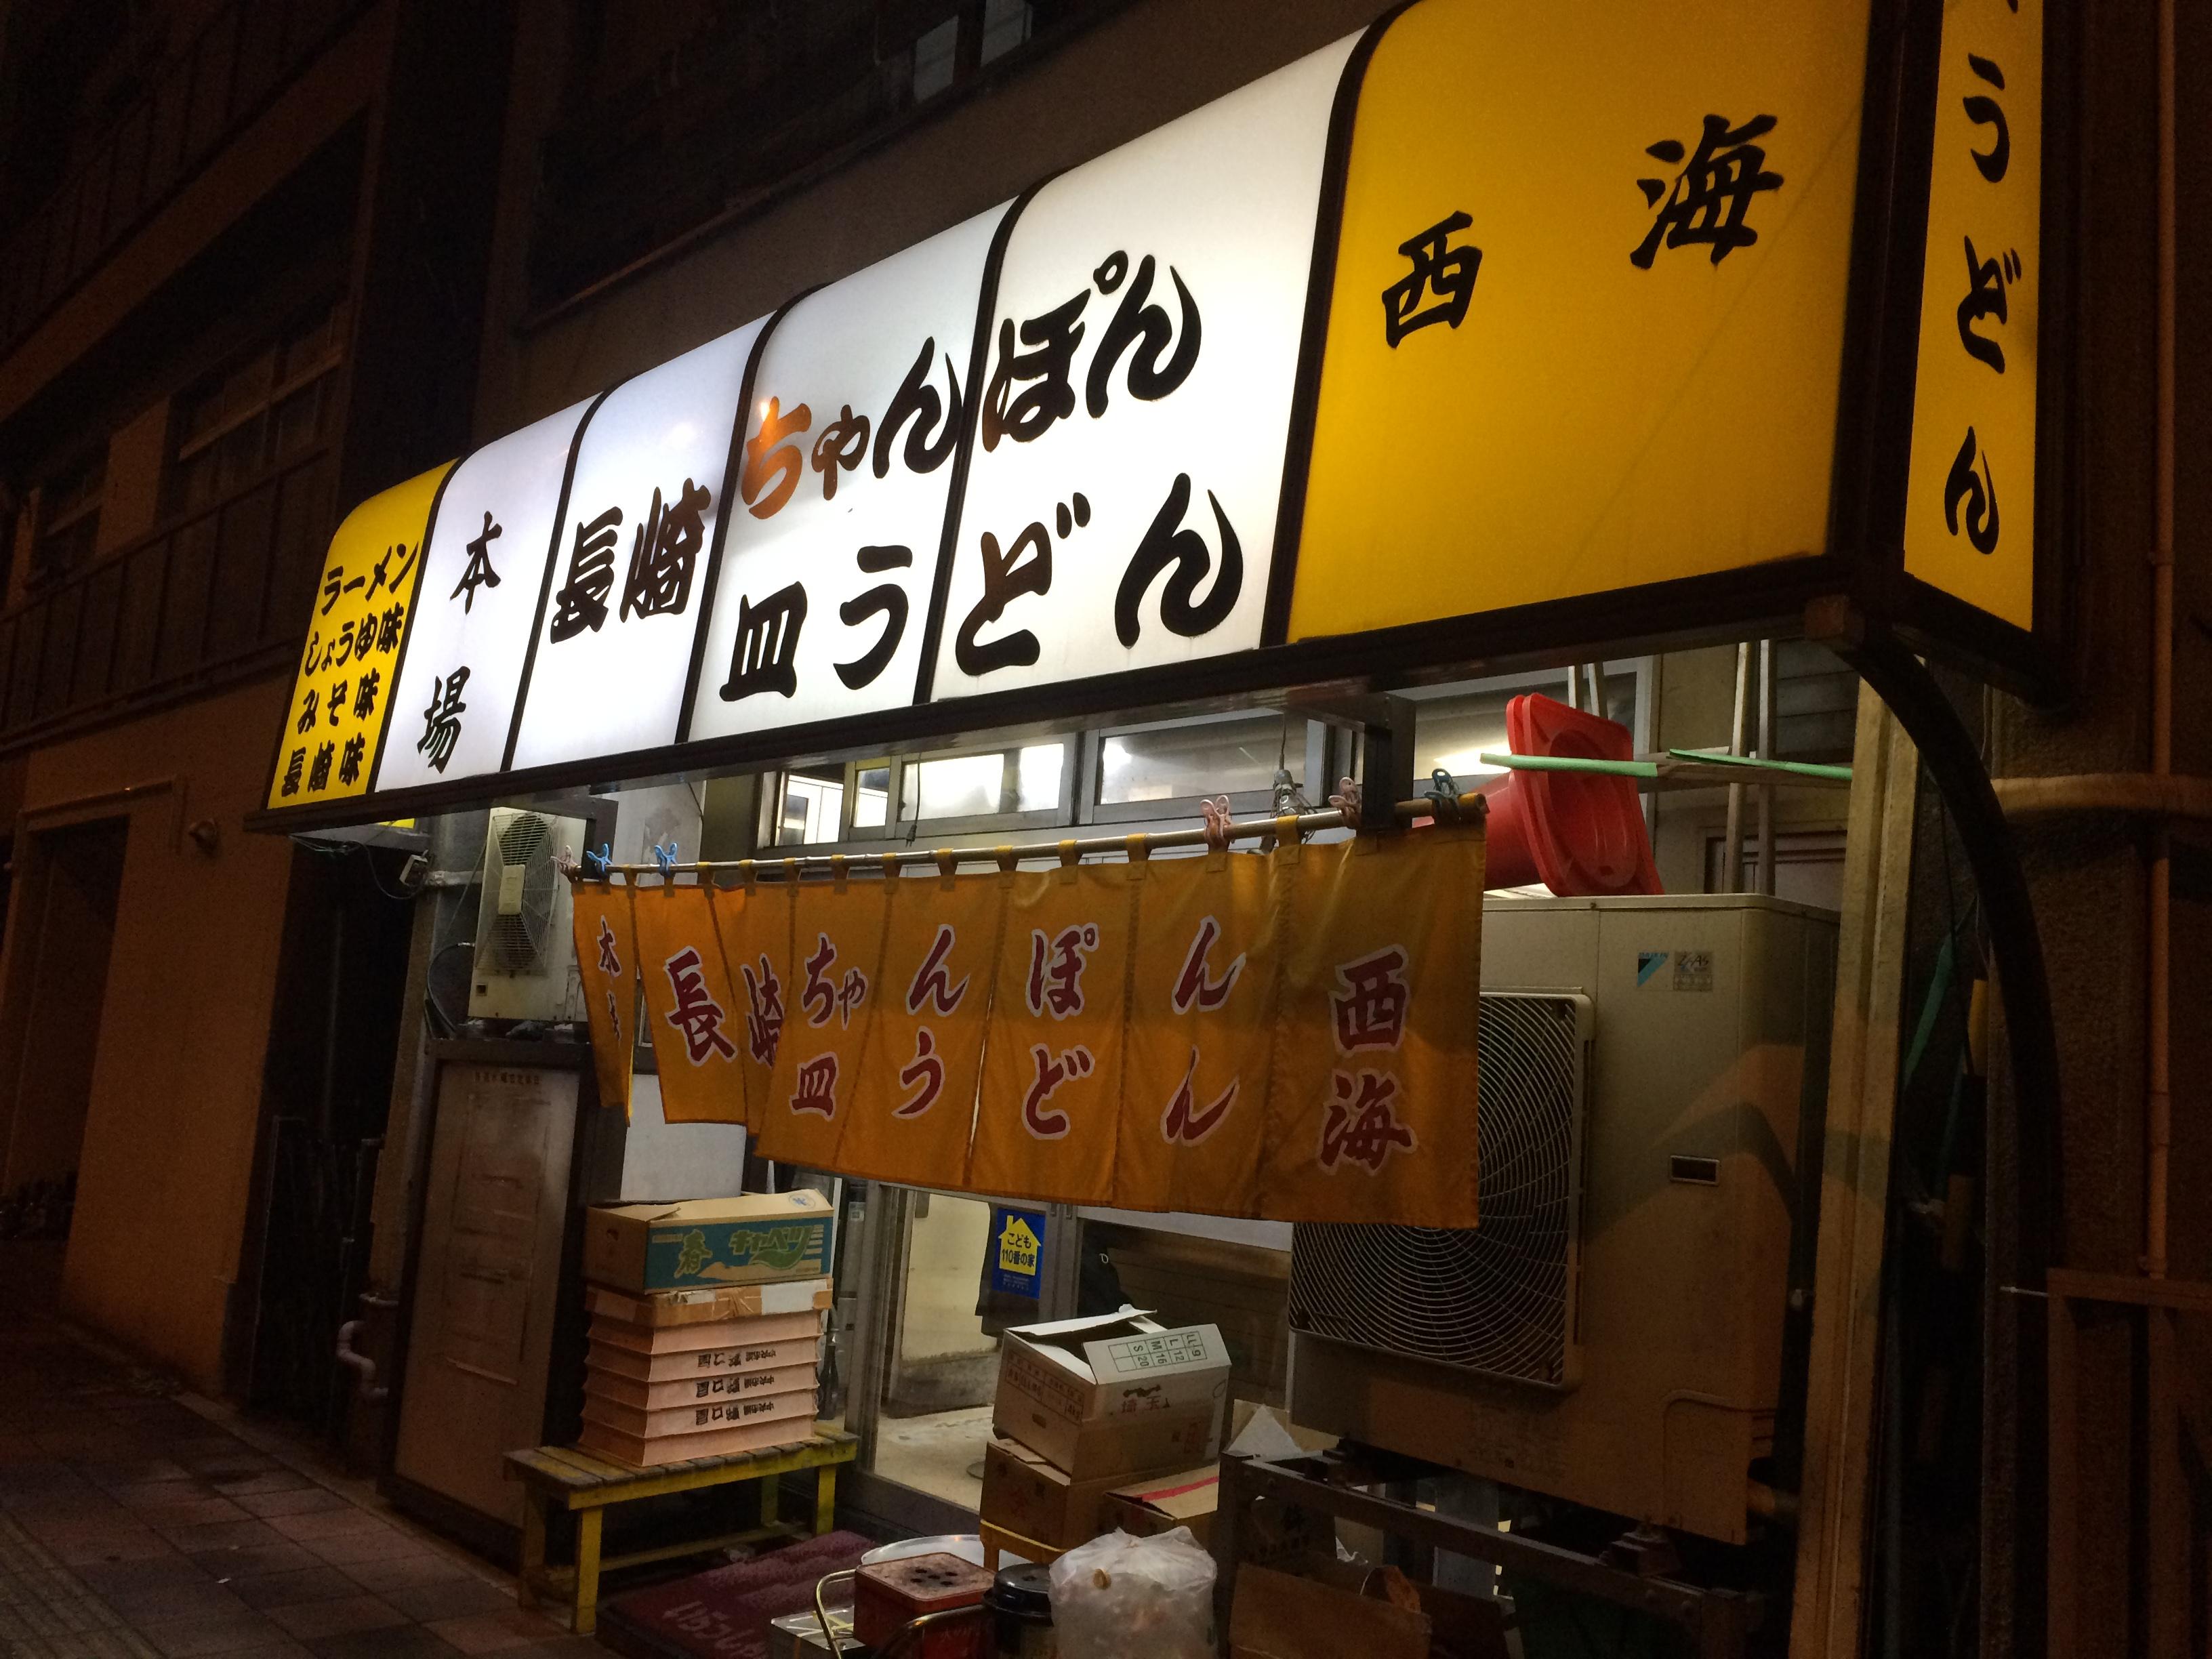 🍜丸正スタッフがご案内する美味しいお店・長崎ちゃんぽん西海🍜